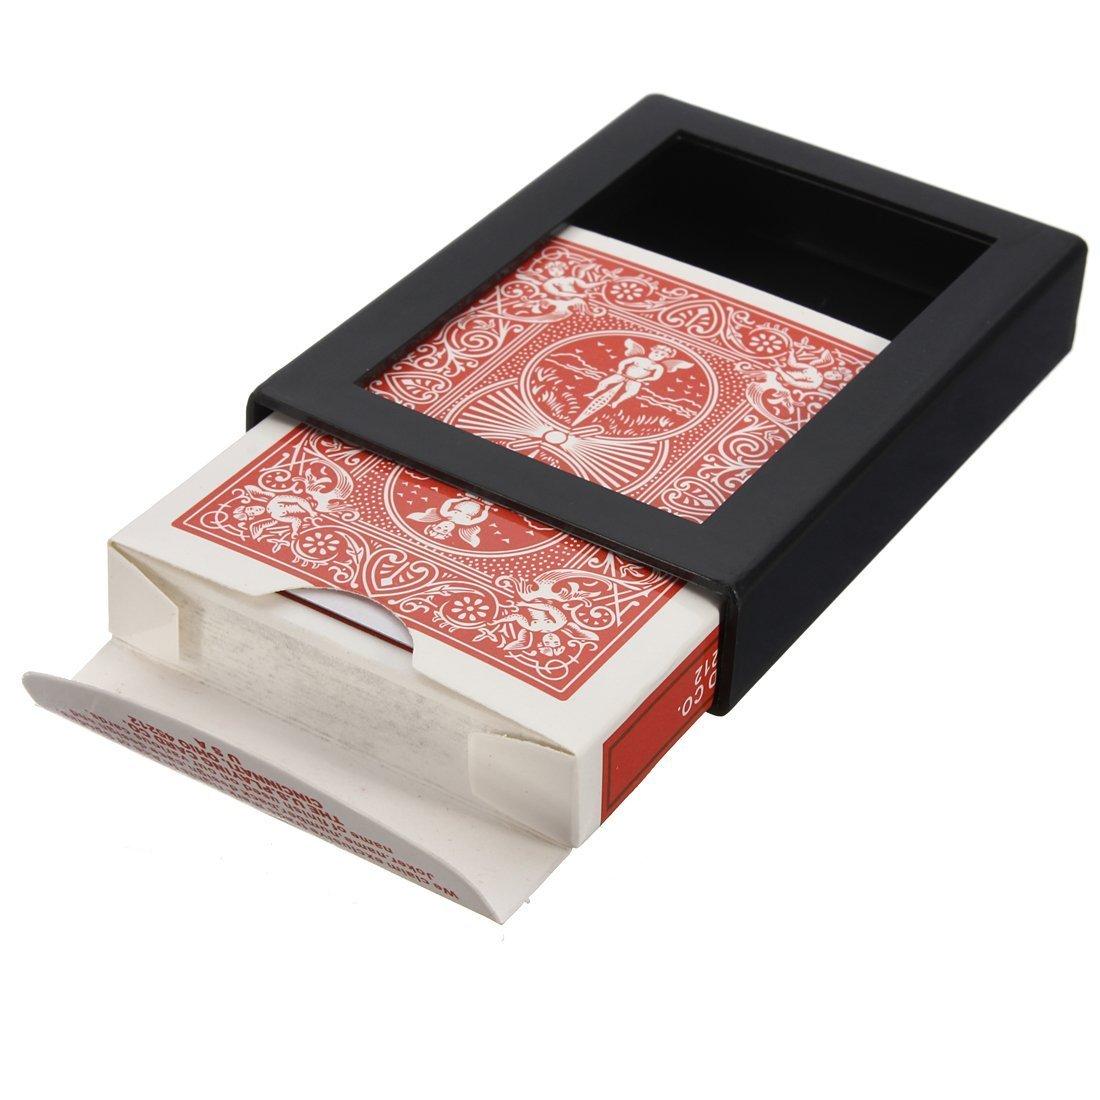 Cikuso Trucos de Cartas Truco de Magia de Carta Desaparecer Truco de Magia de Carta para Adultos